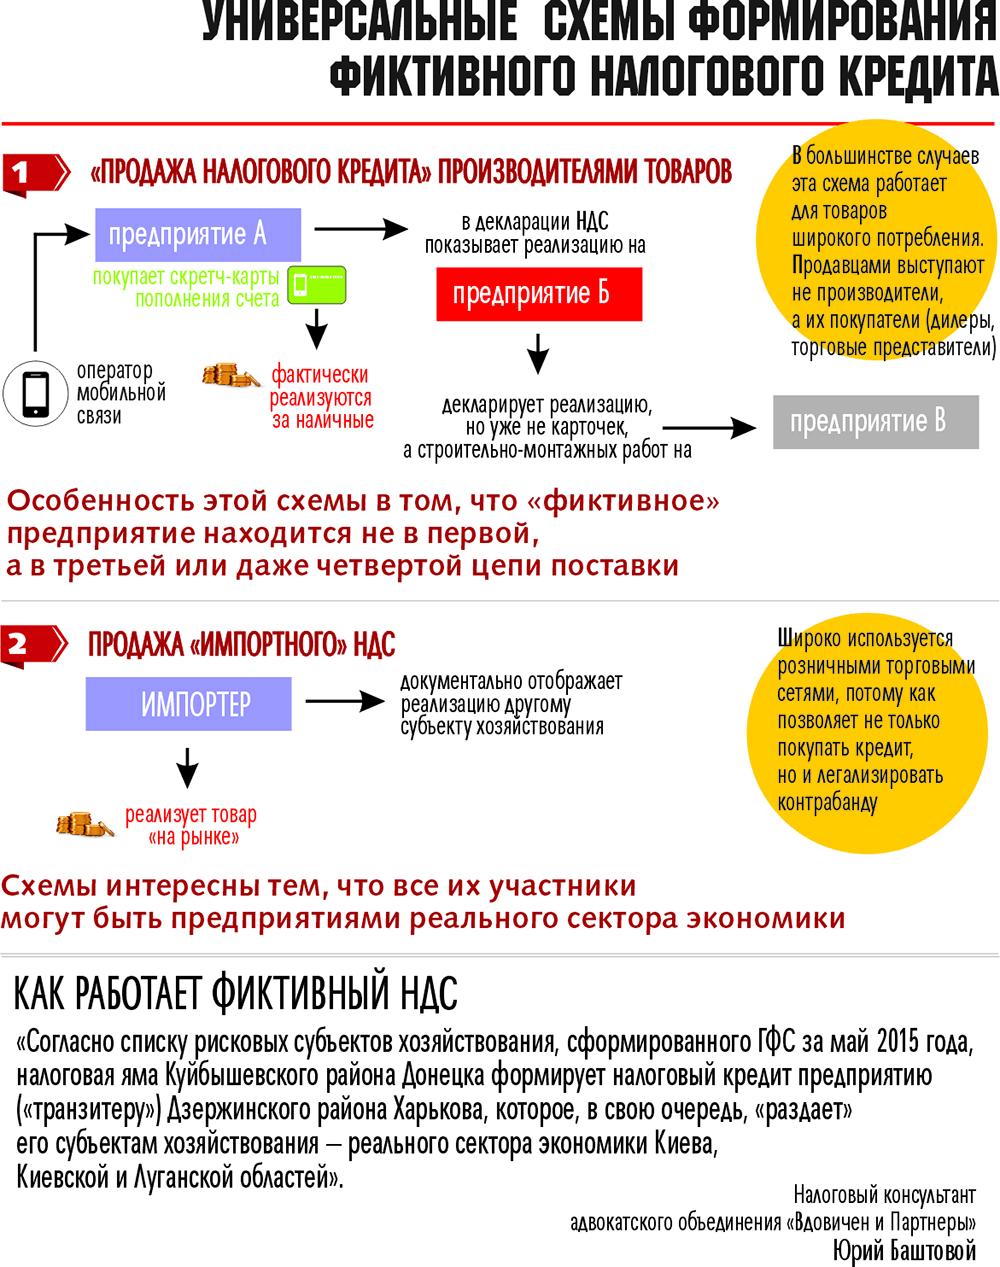 """Яценюк починає чергову фіктивну блокаду """"ДНР"""" - фото 1"""